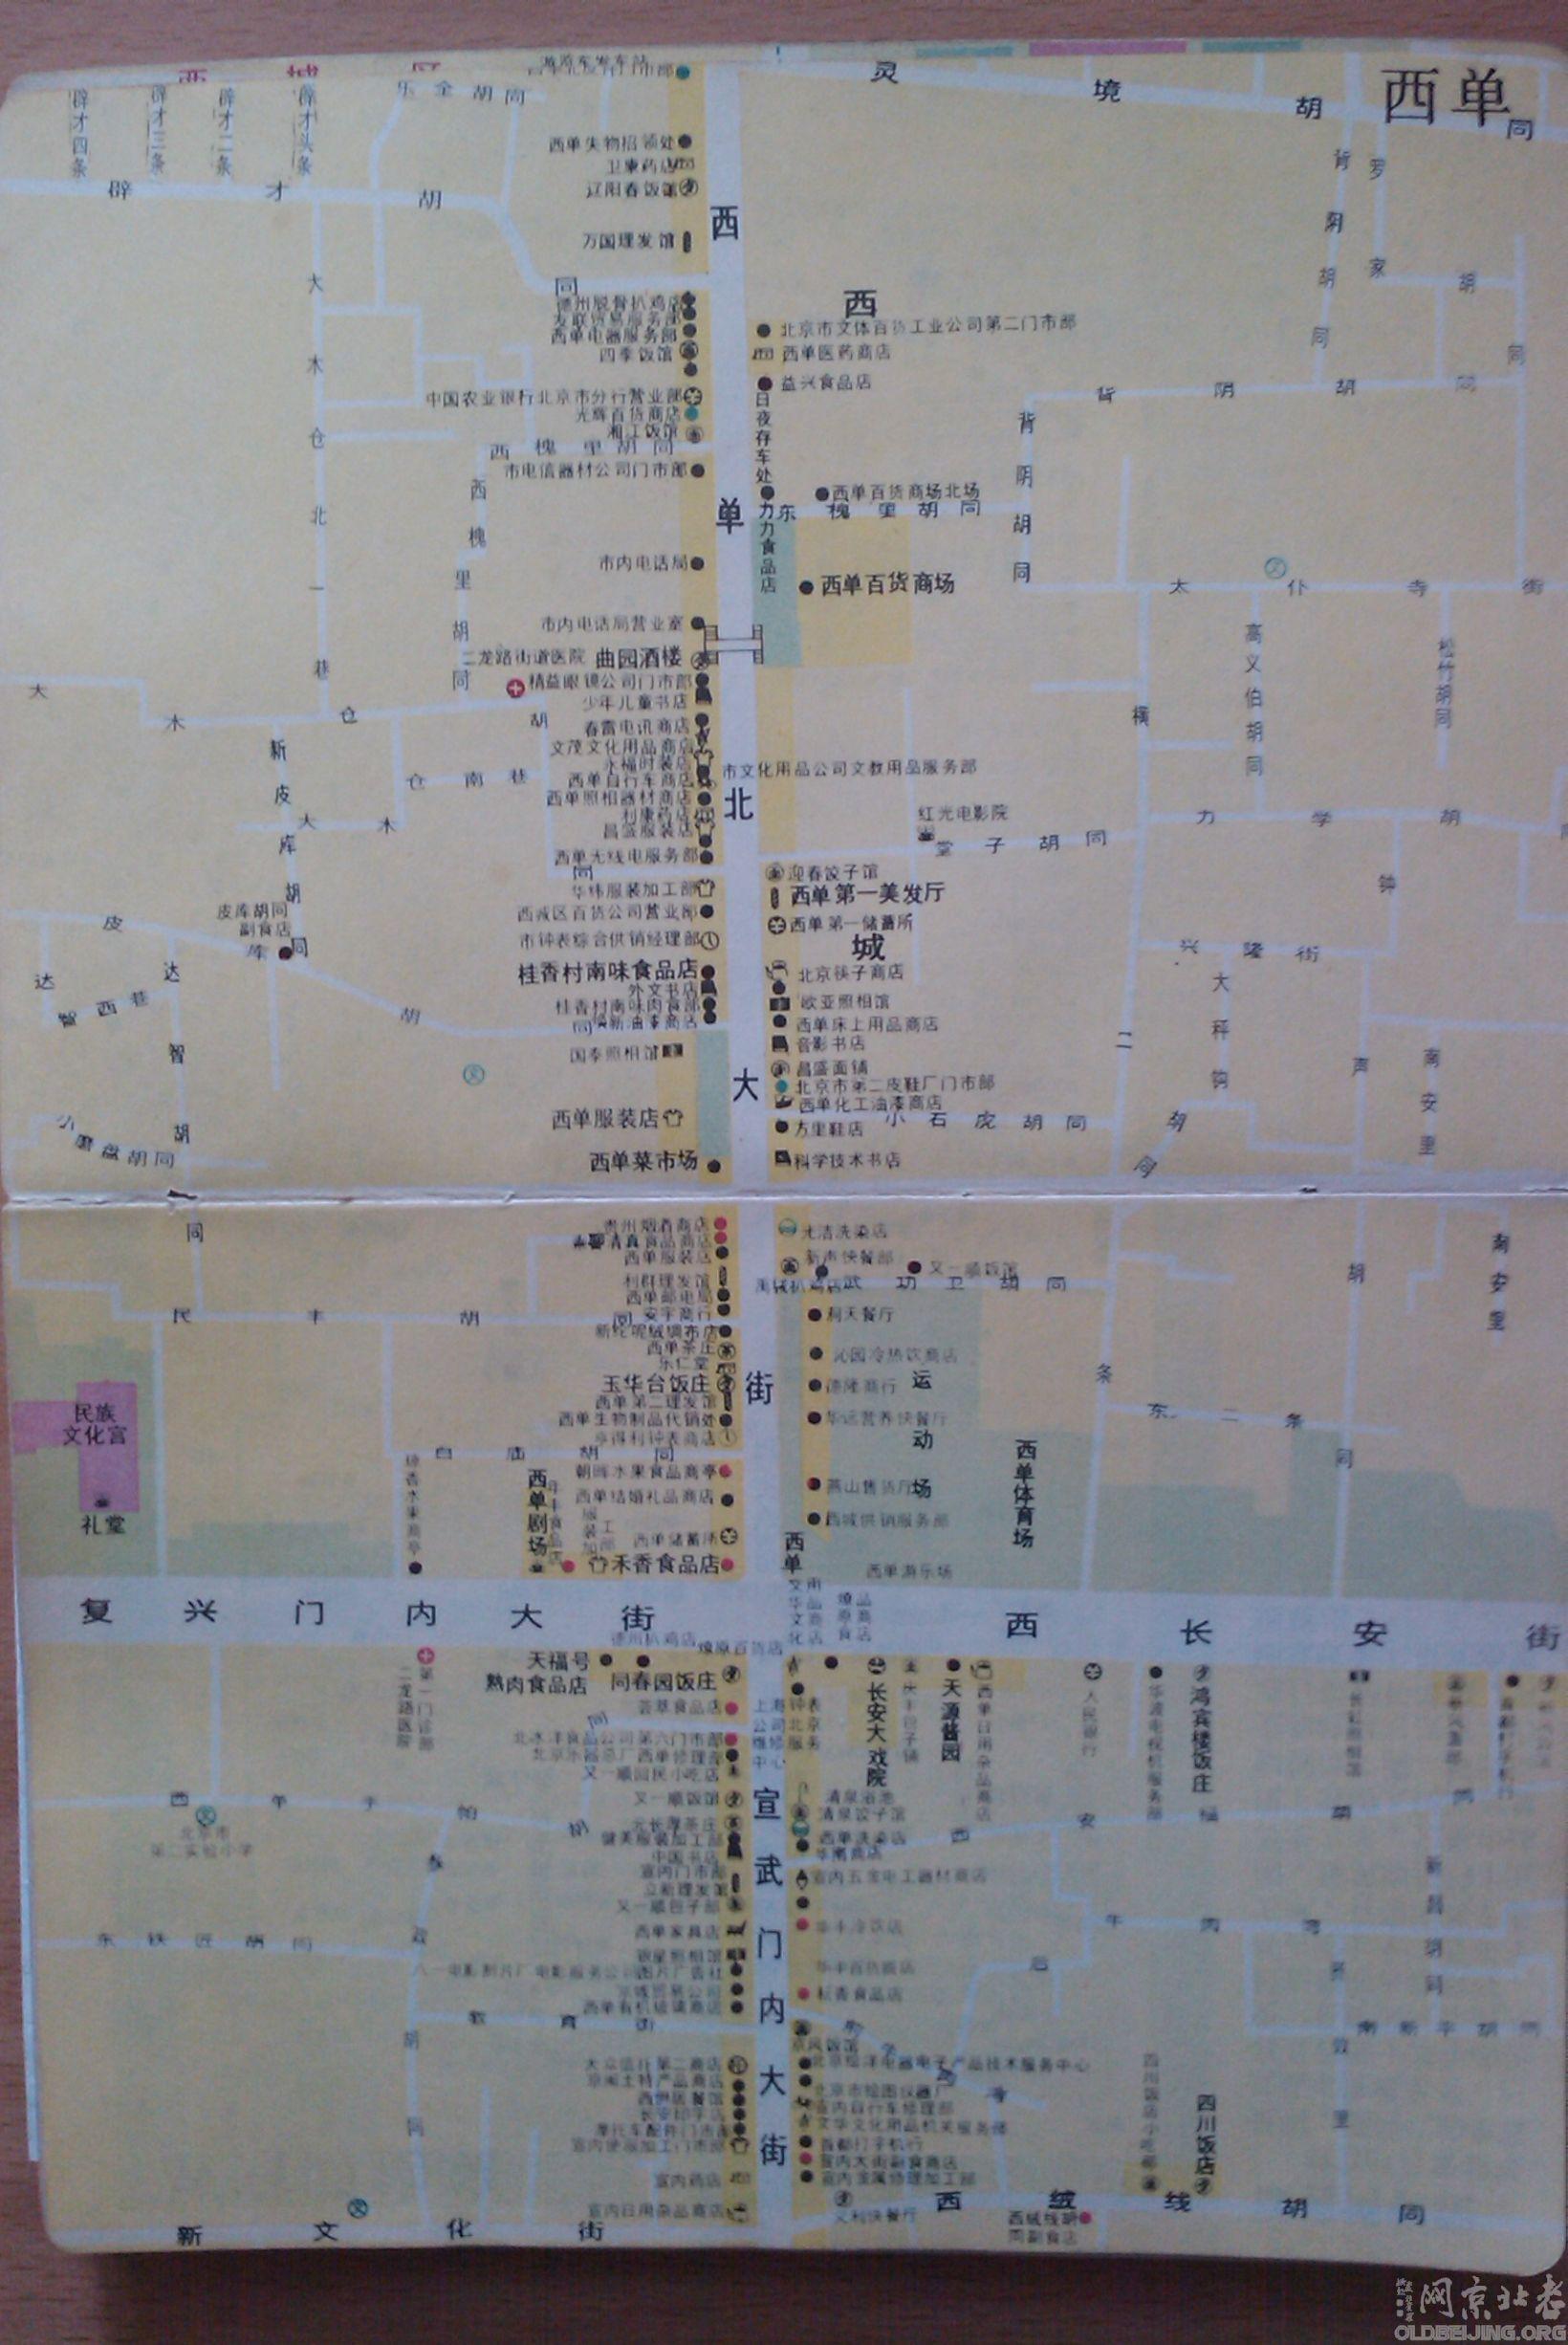 八十年代中期西单北大街的地图